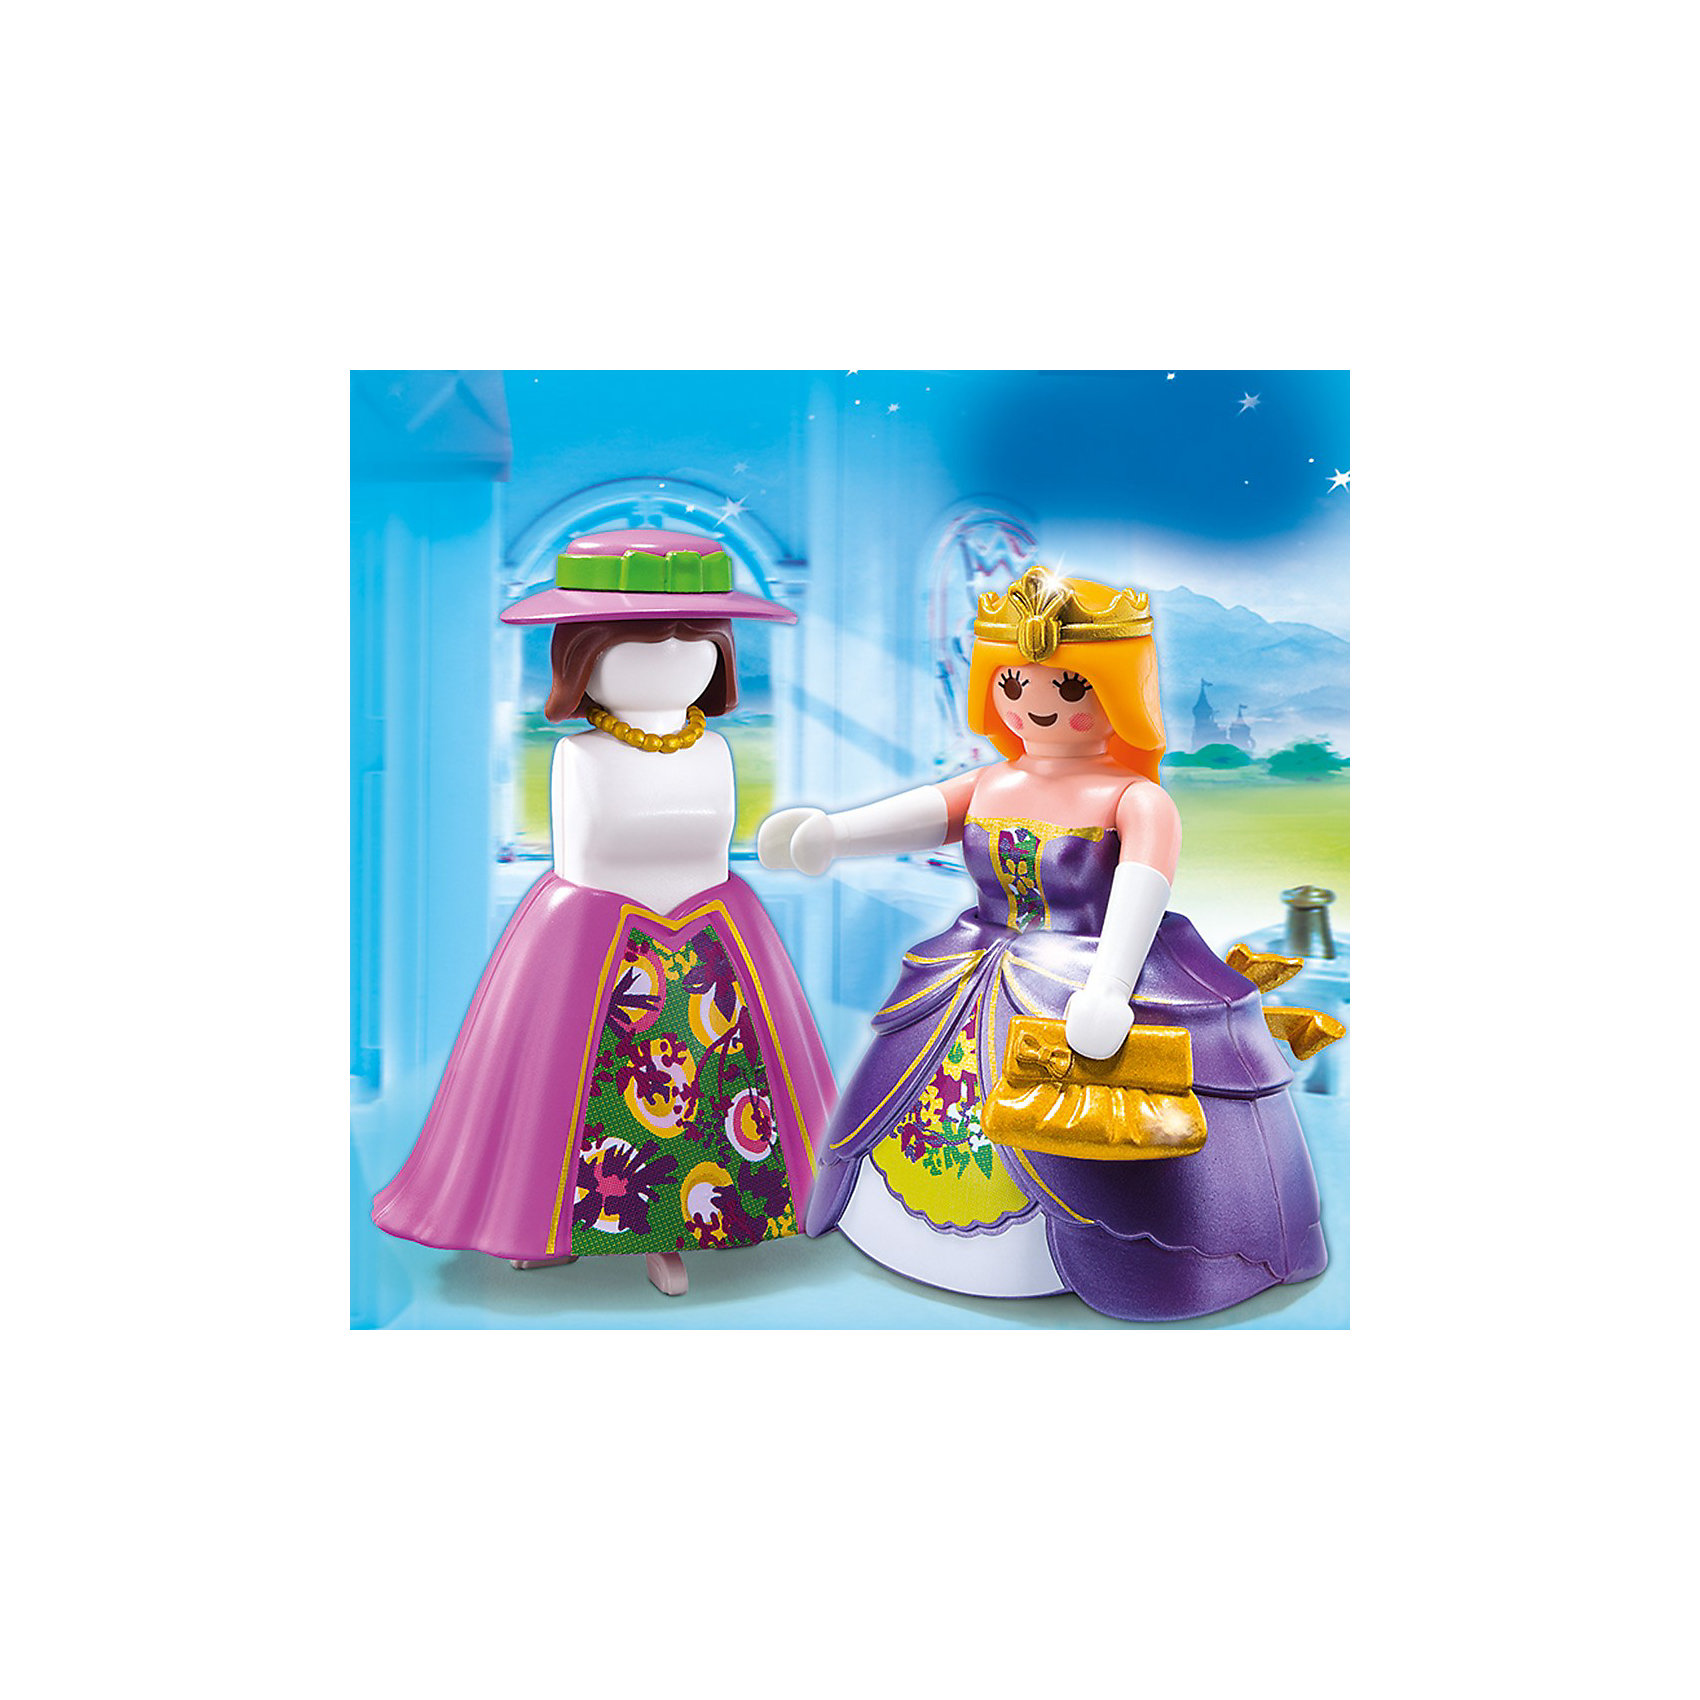 PLAYMOBIL® PLAYMOBIL 4781 Дополнение: Принцесса с манекеном конструкторы playmobil страусы с гнездом